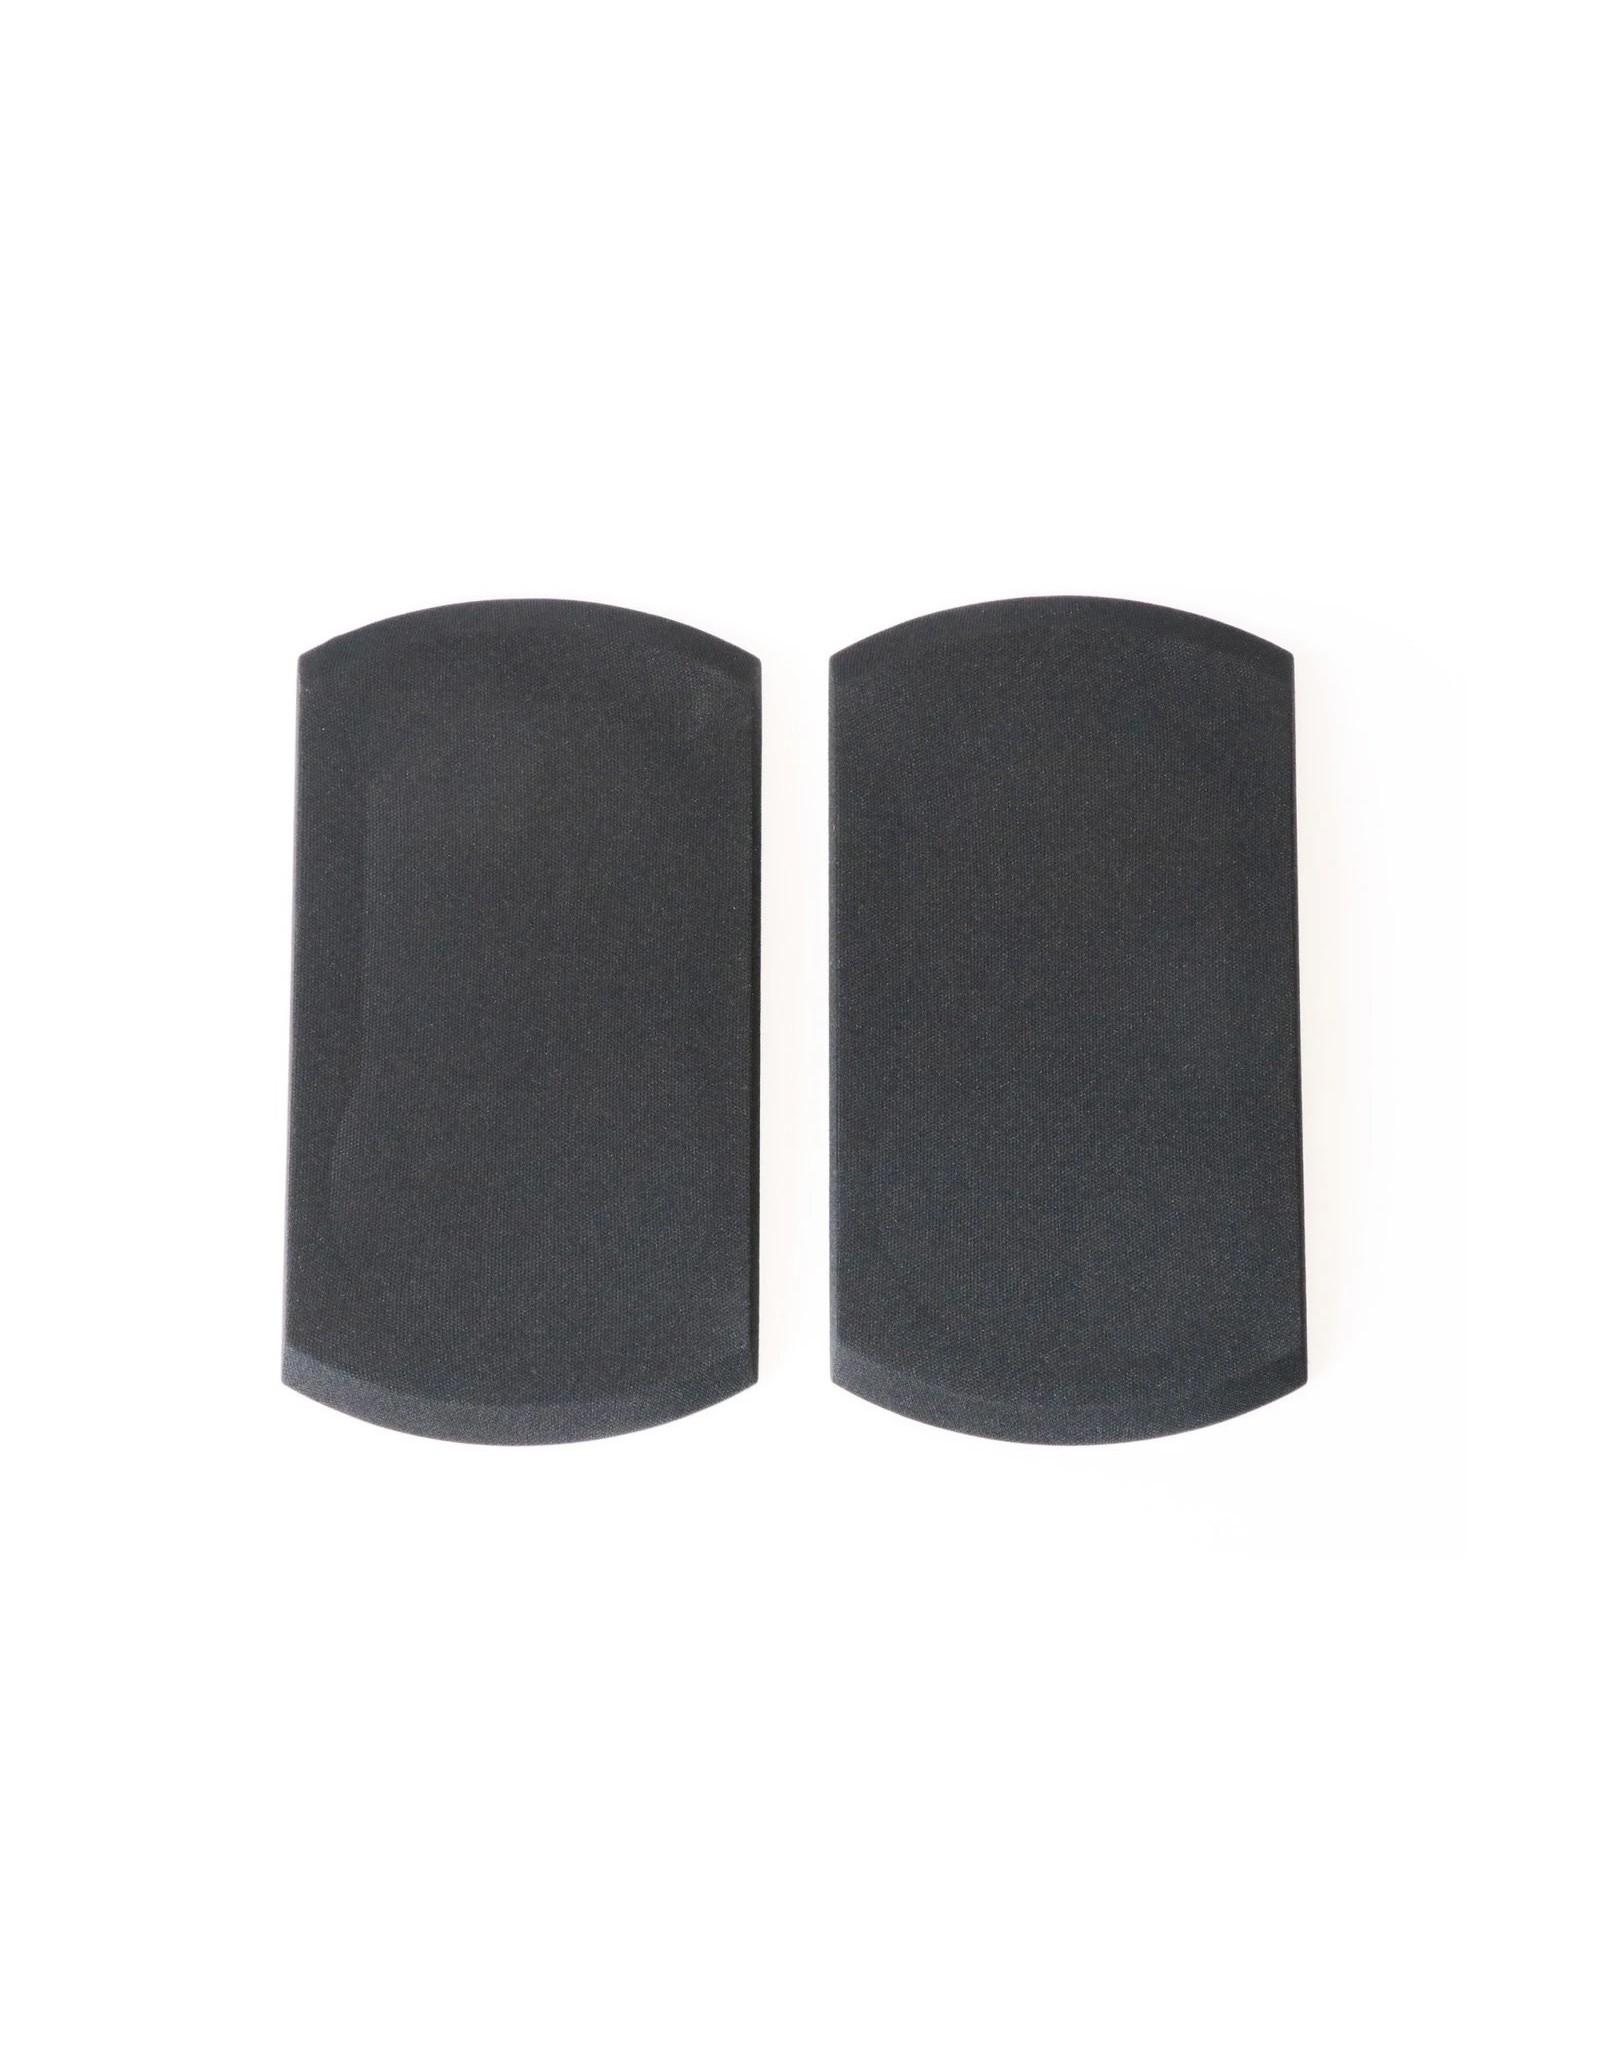 Spendor Spendor A2 Series Speaker Grills (Pair)